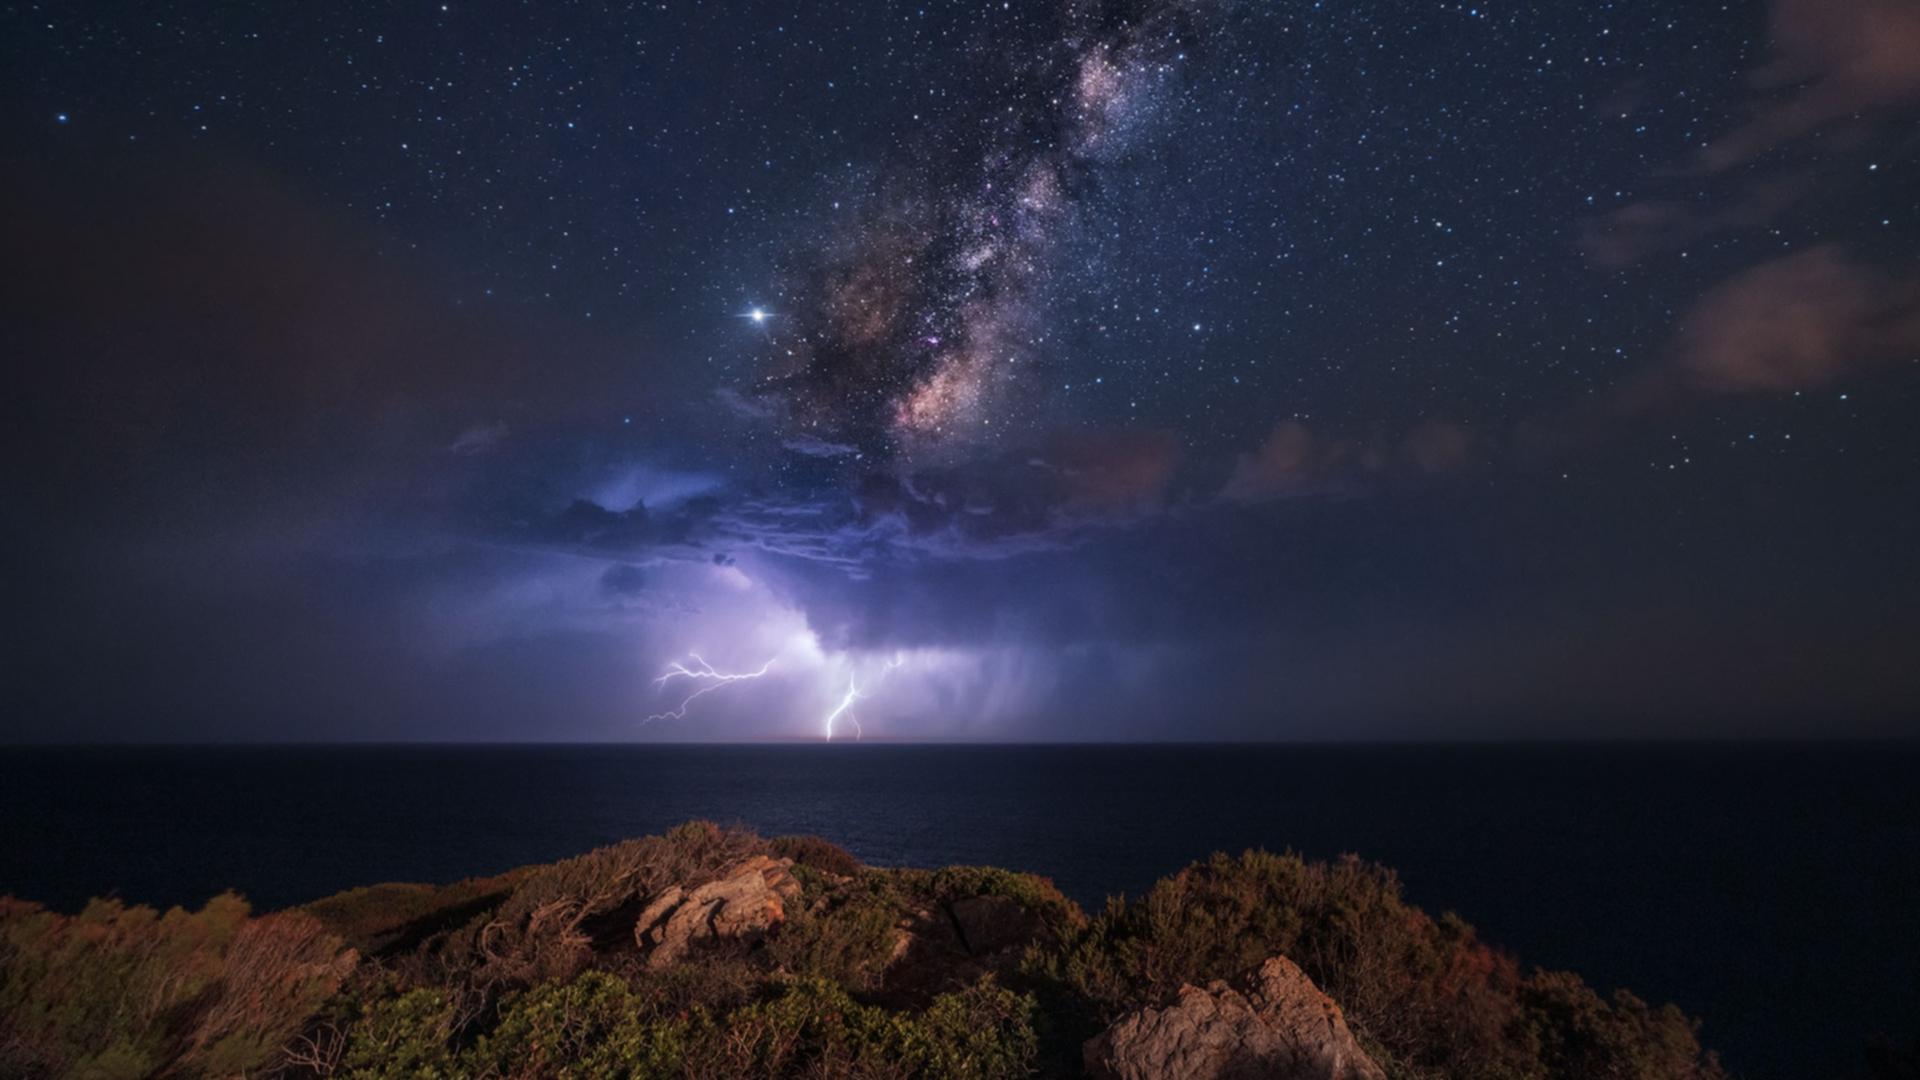 デスクトップ壁紙 天の川 嵐 風景 空 ライトニング 自然 星